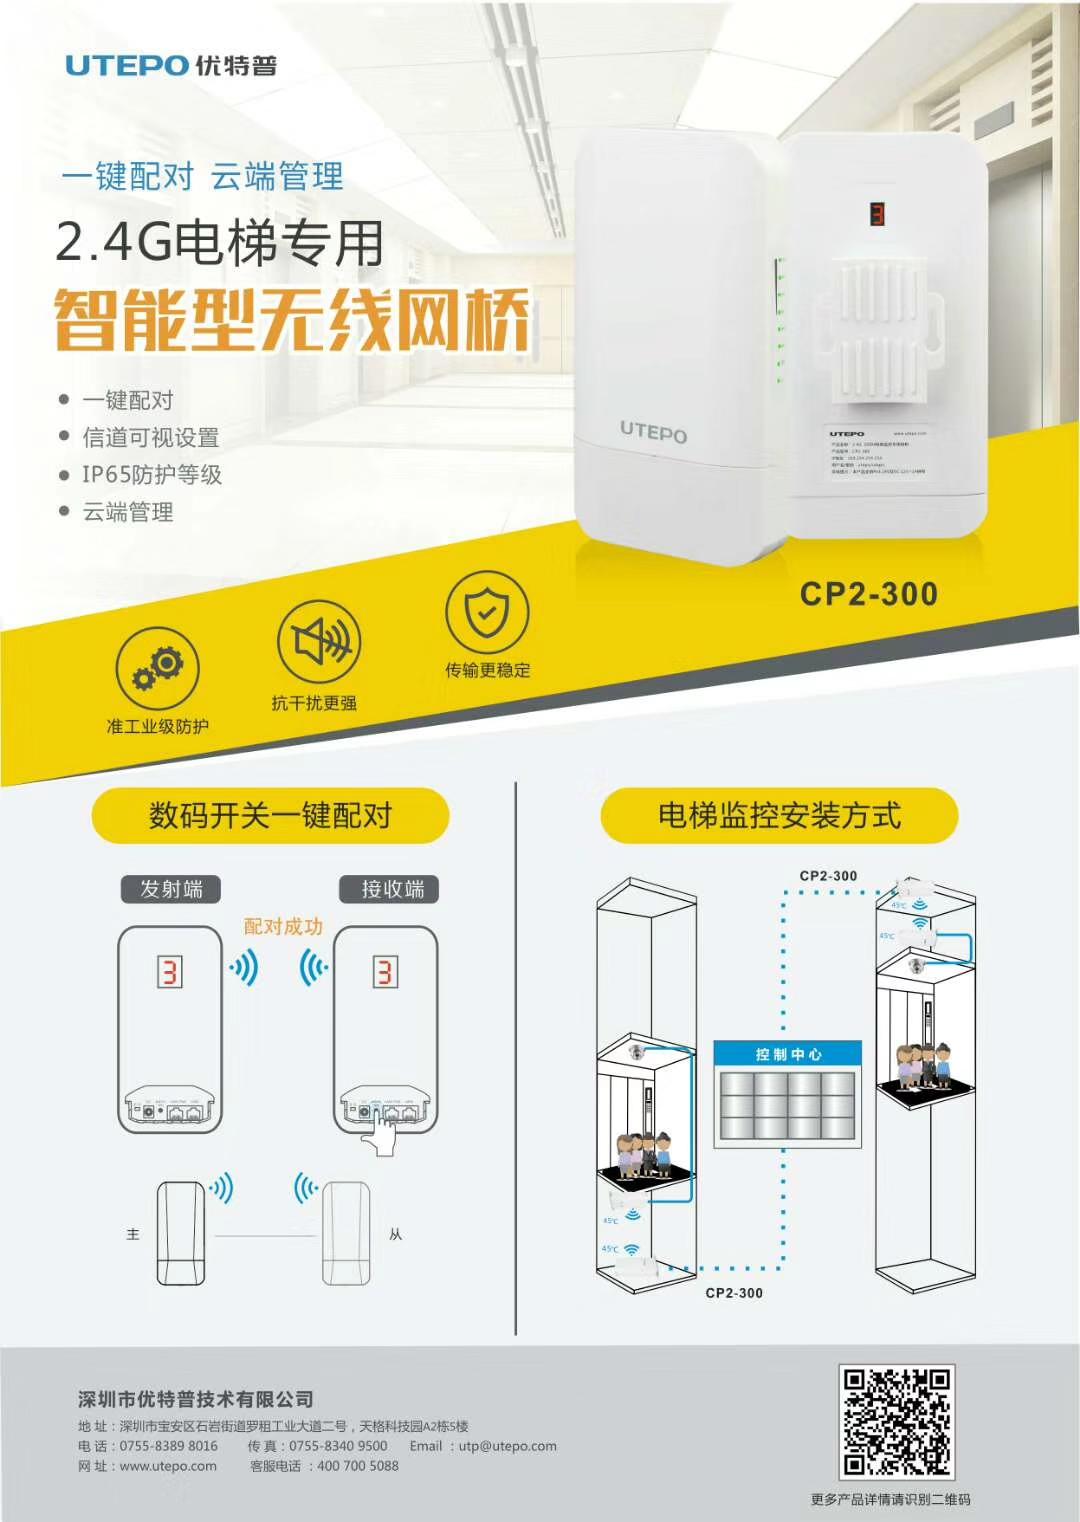 优特普2.4G 300M电梯监控专用网桥